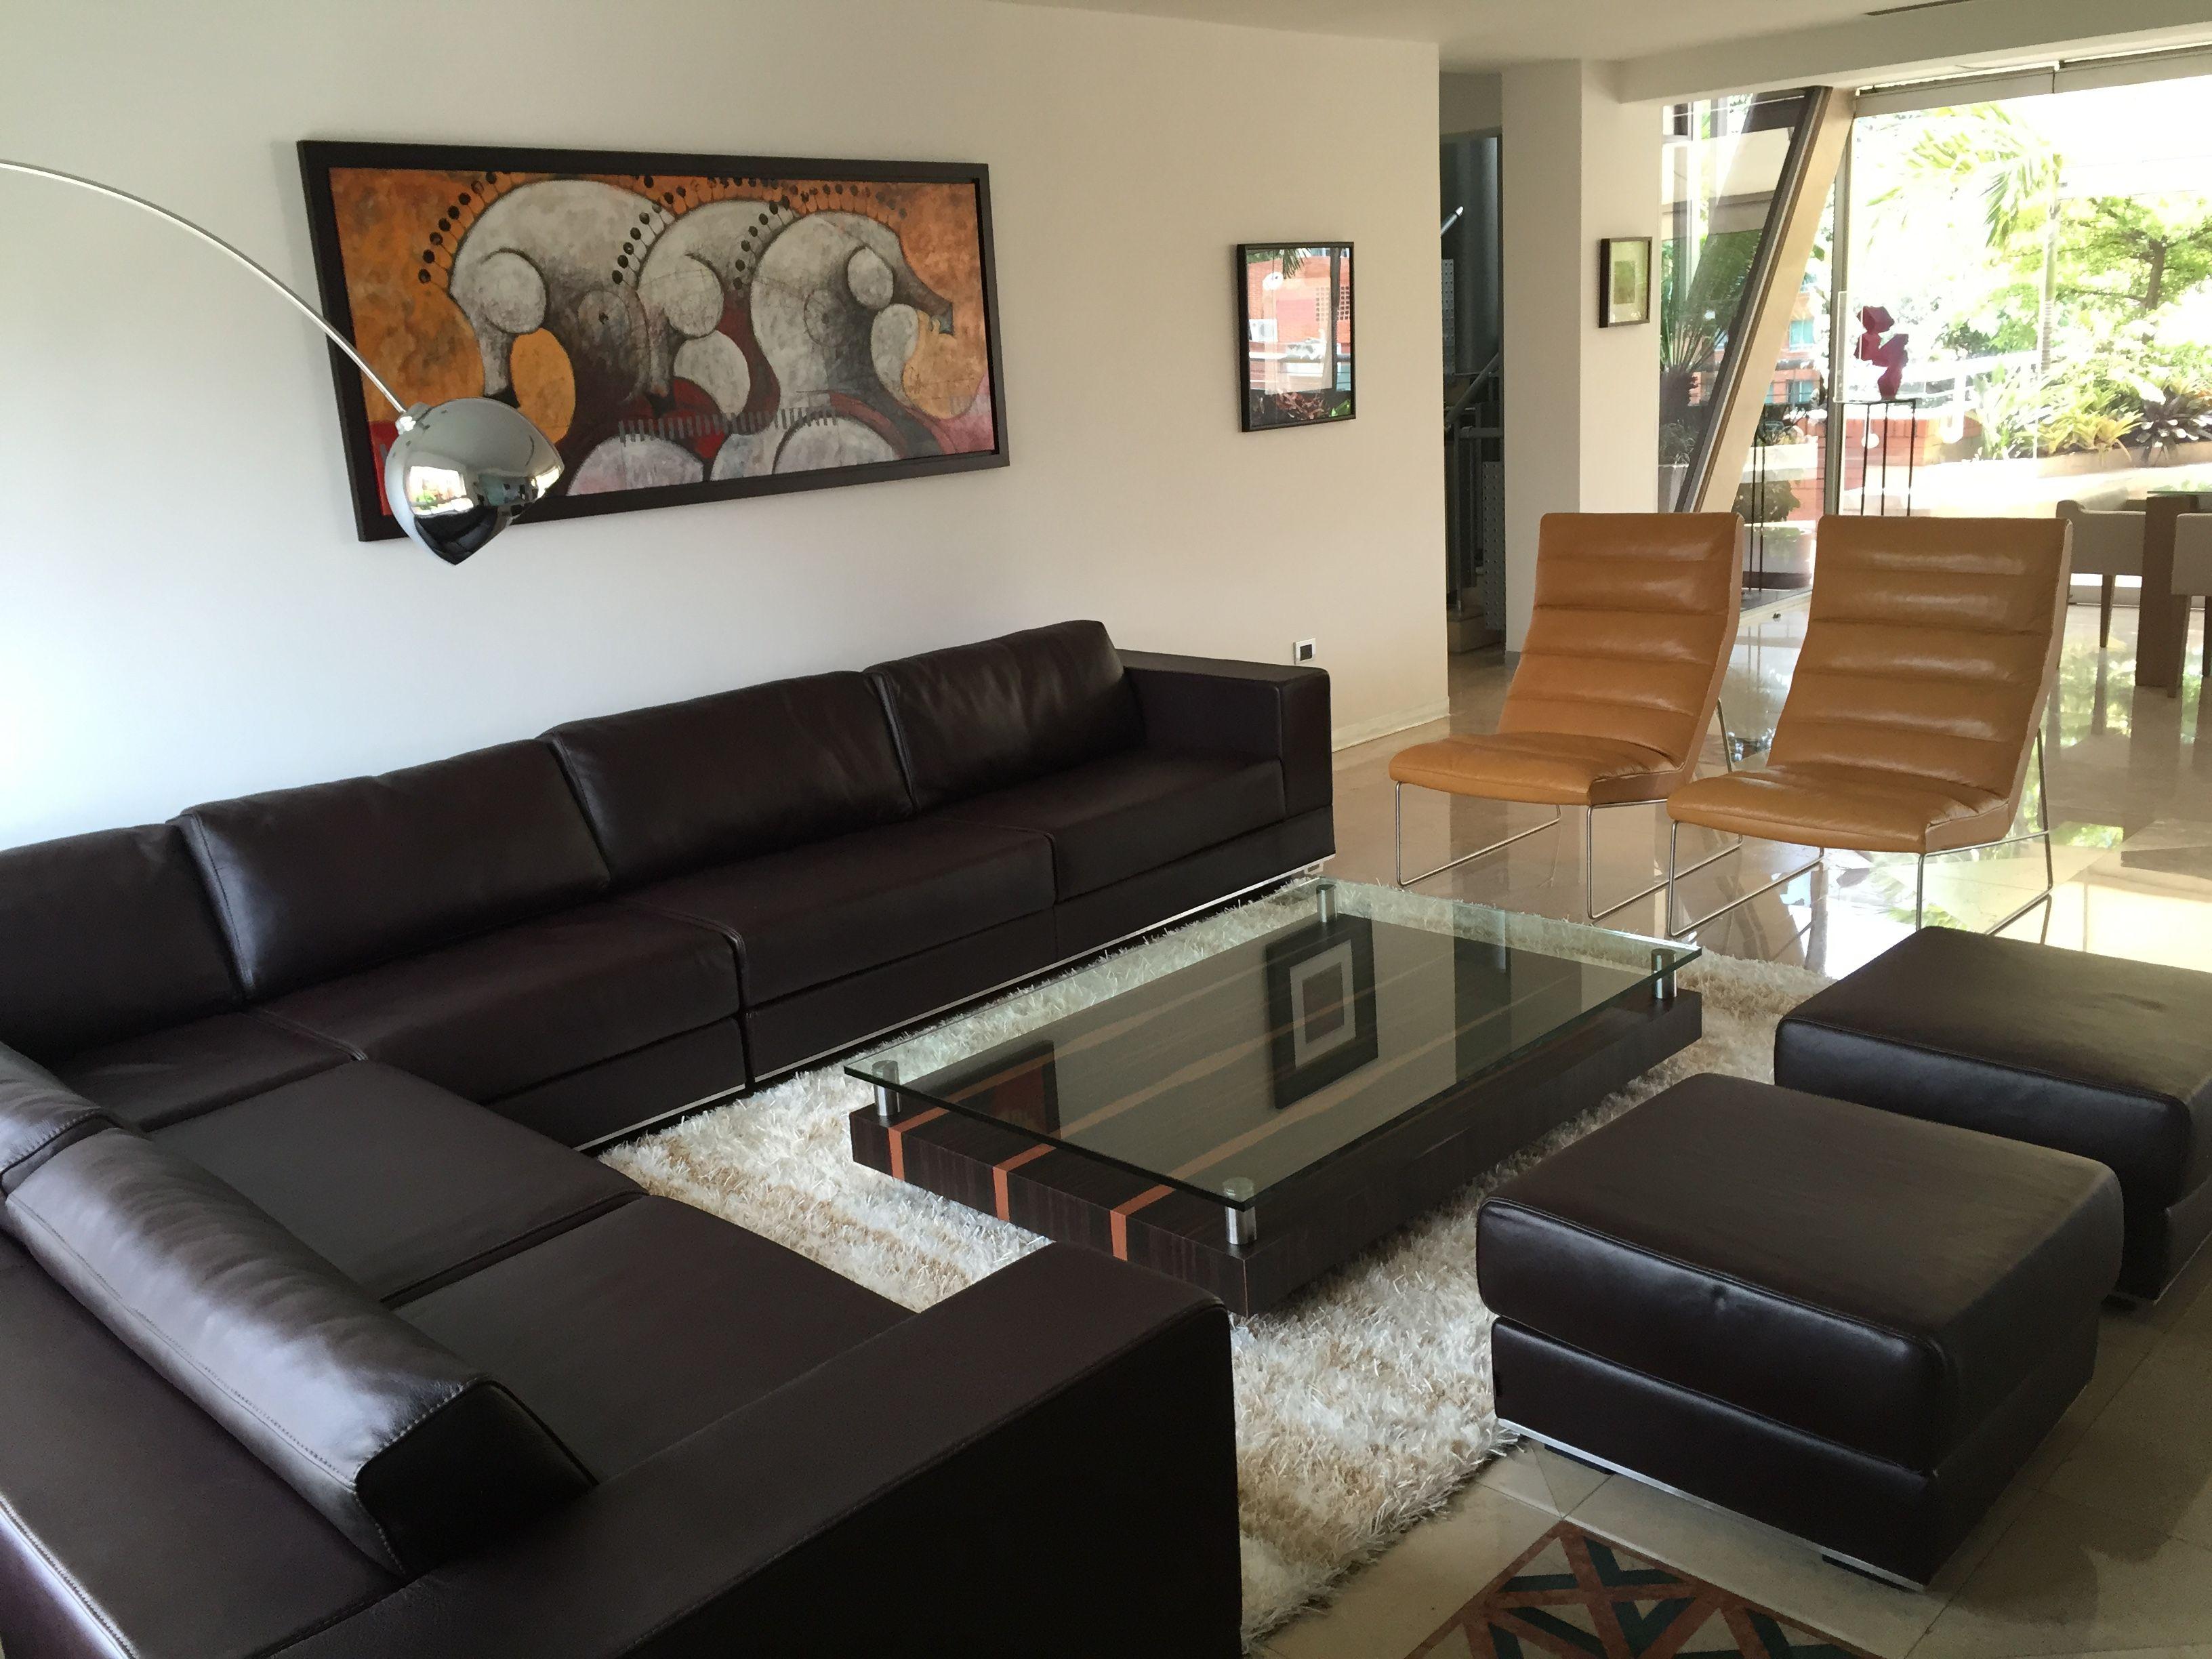 El Hermoso Sof Modelo Prana Se Adapt Perfectamente A Este  # Muebles Zientte